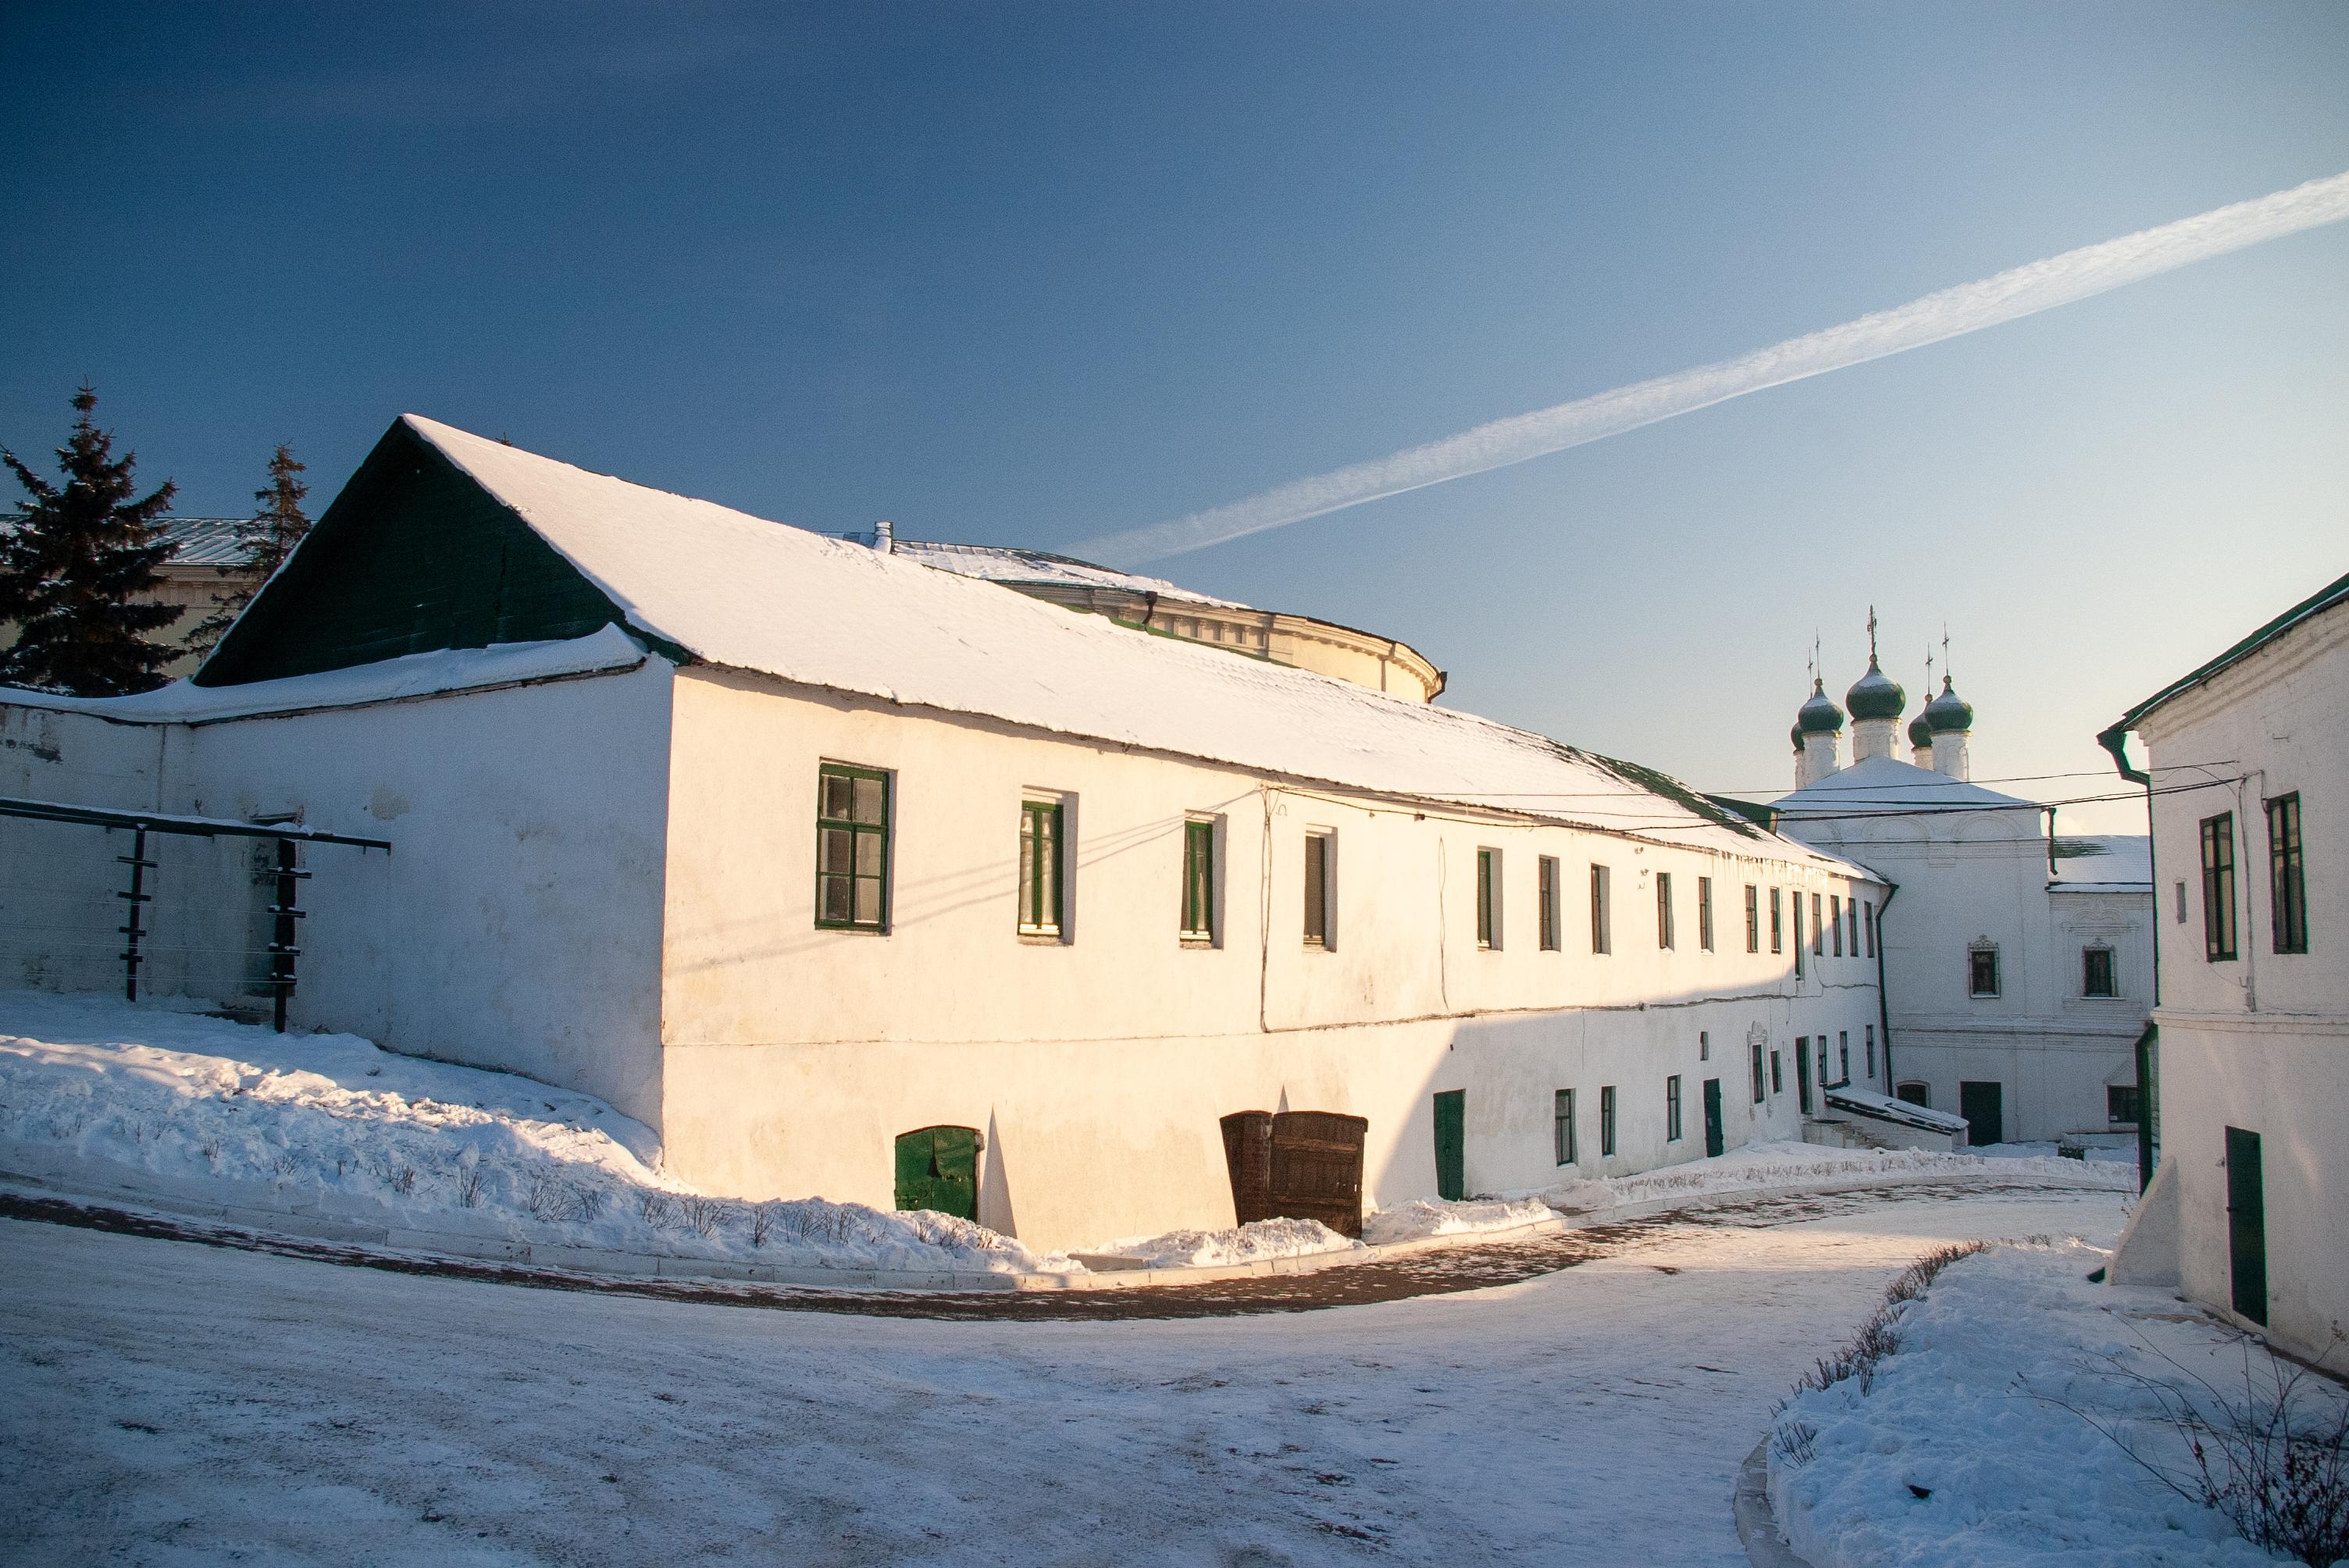 Еще дворик монастыря и келейный корпус (слева). Фотография сделана с места, на котором стоял Собор.